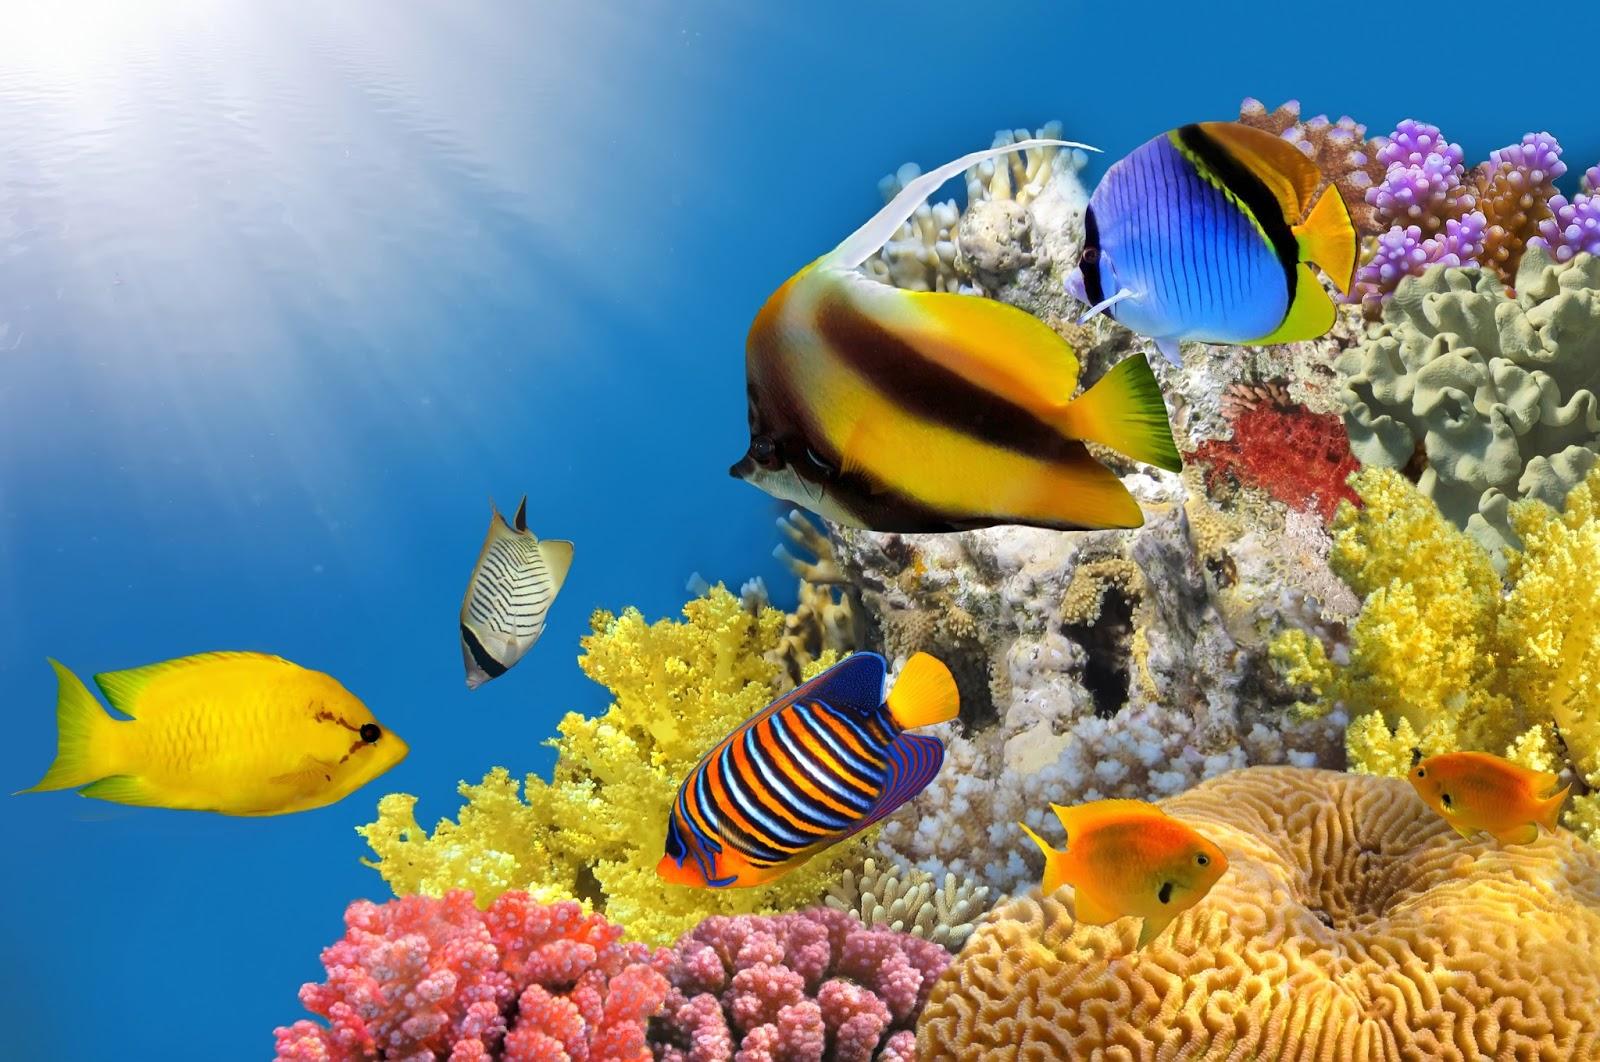 Пазл Морские обитатели — собрать пазл онлайн